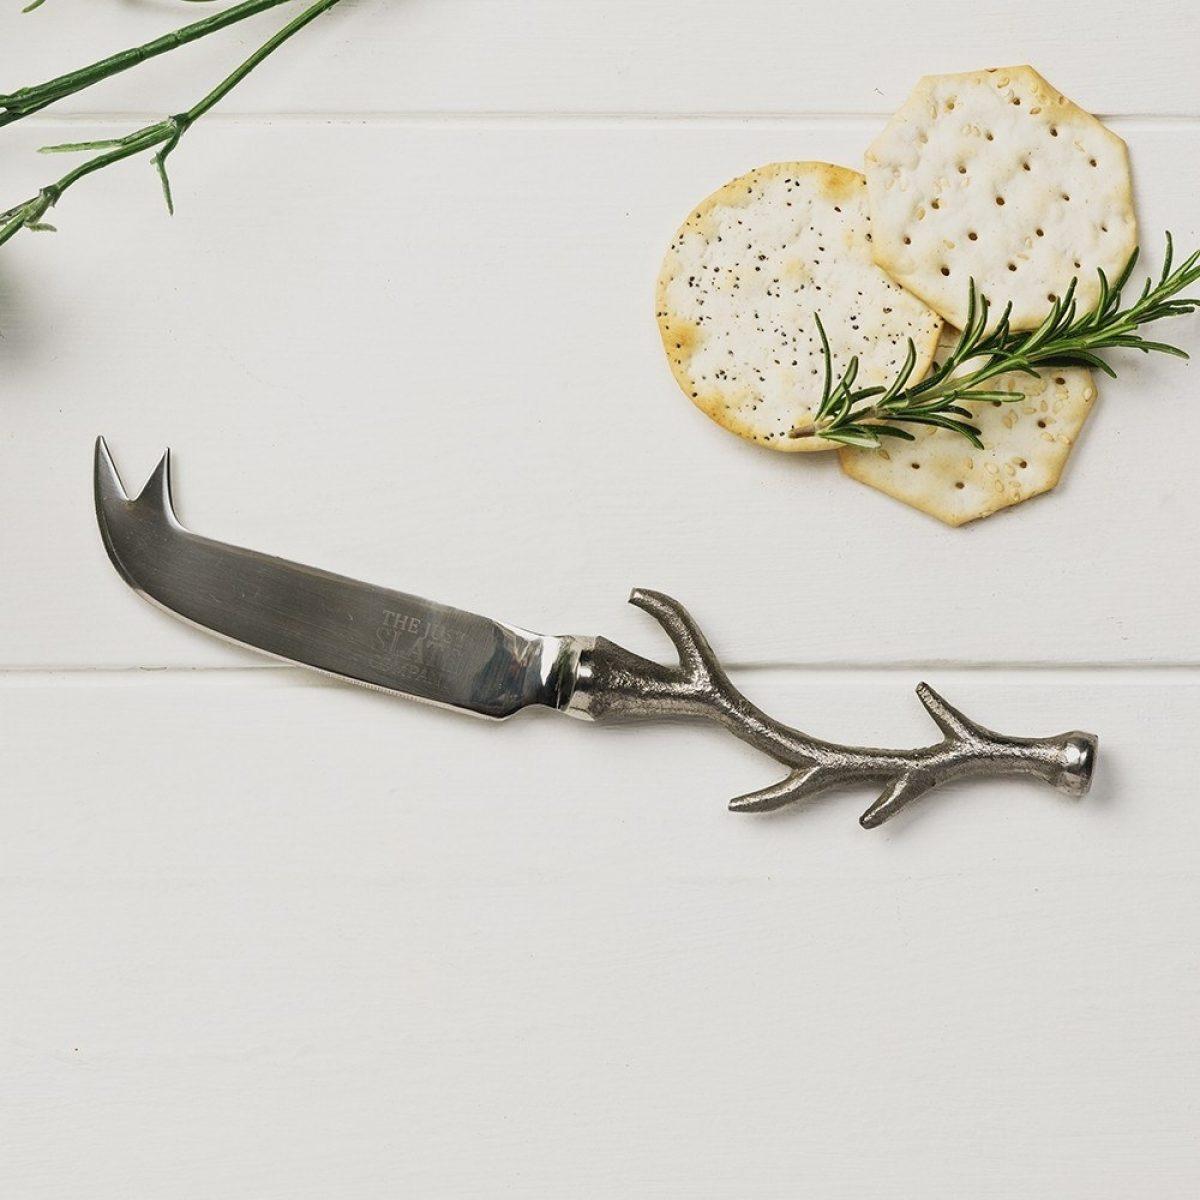 Jscksb stag antler cheese knife 1